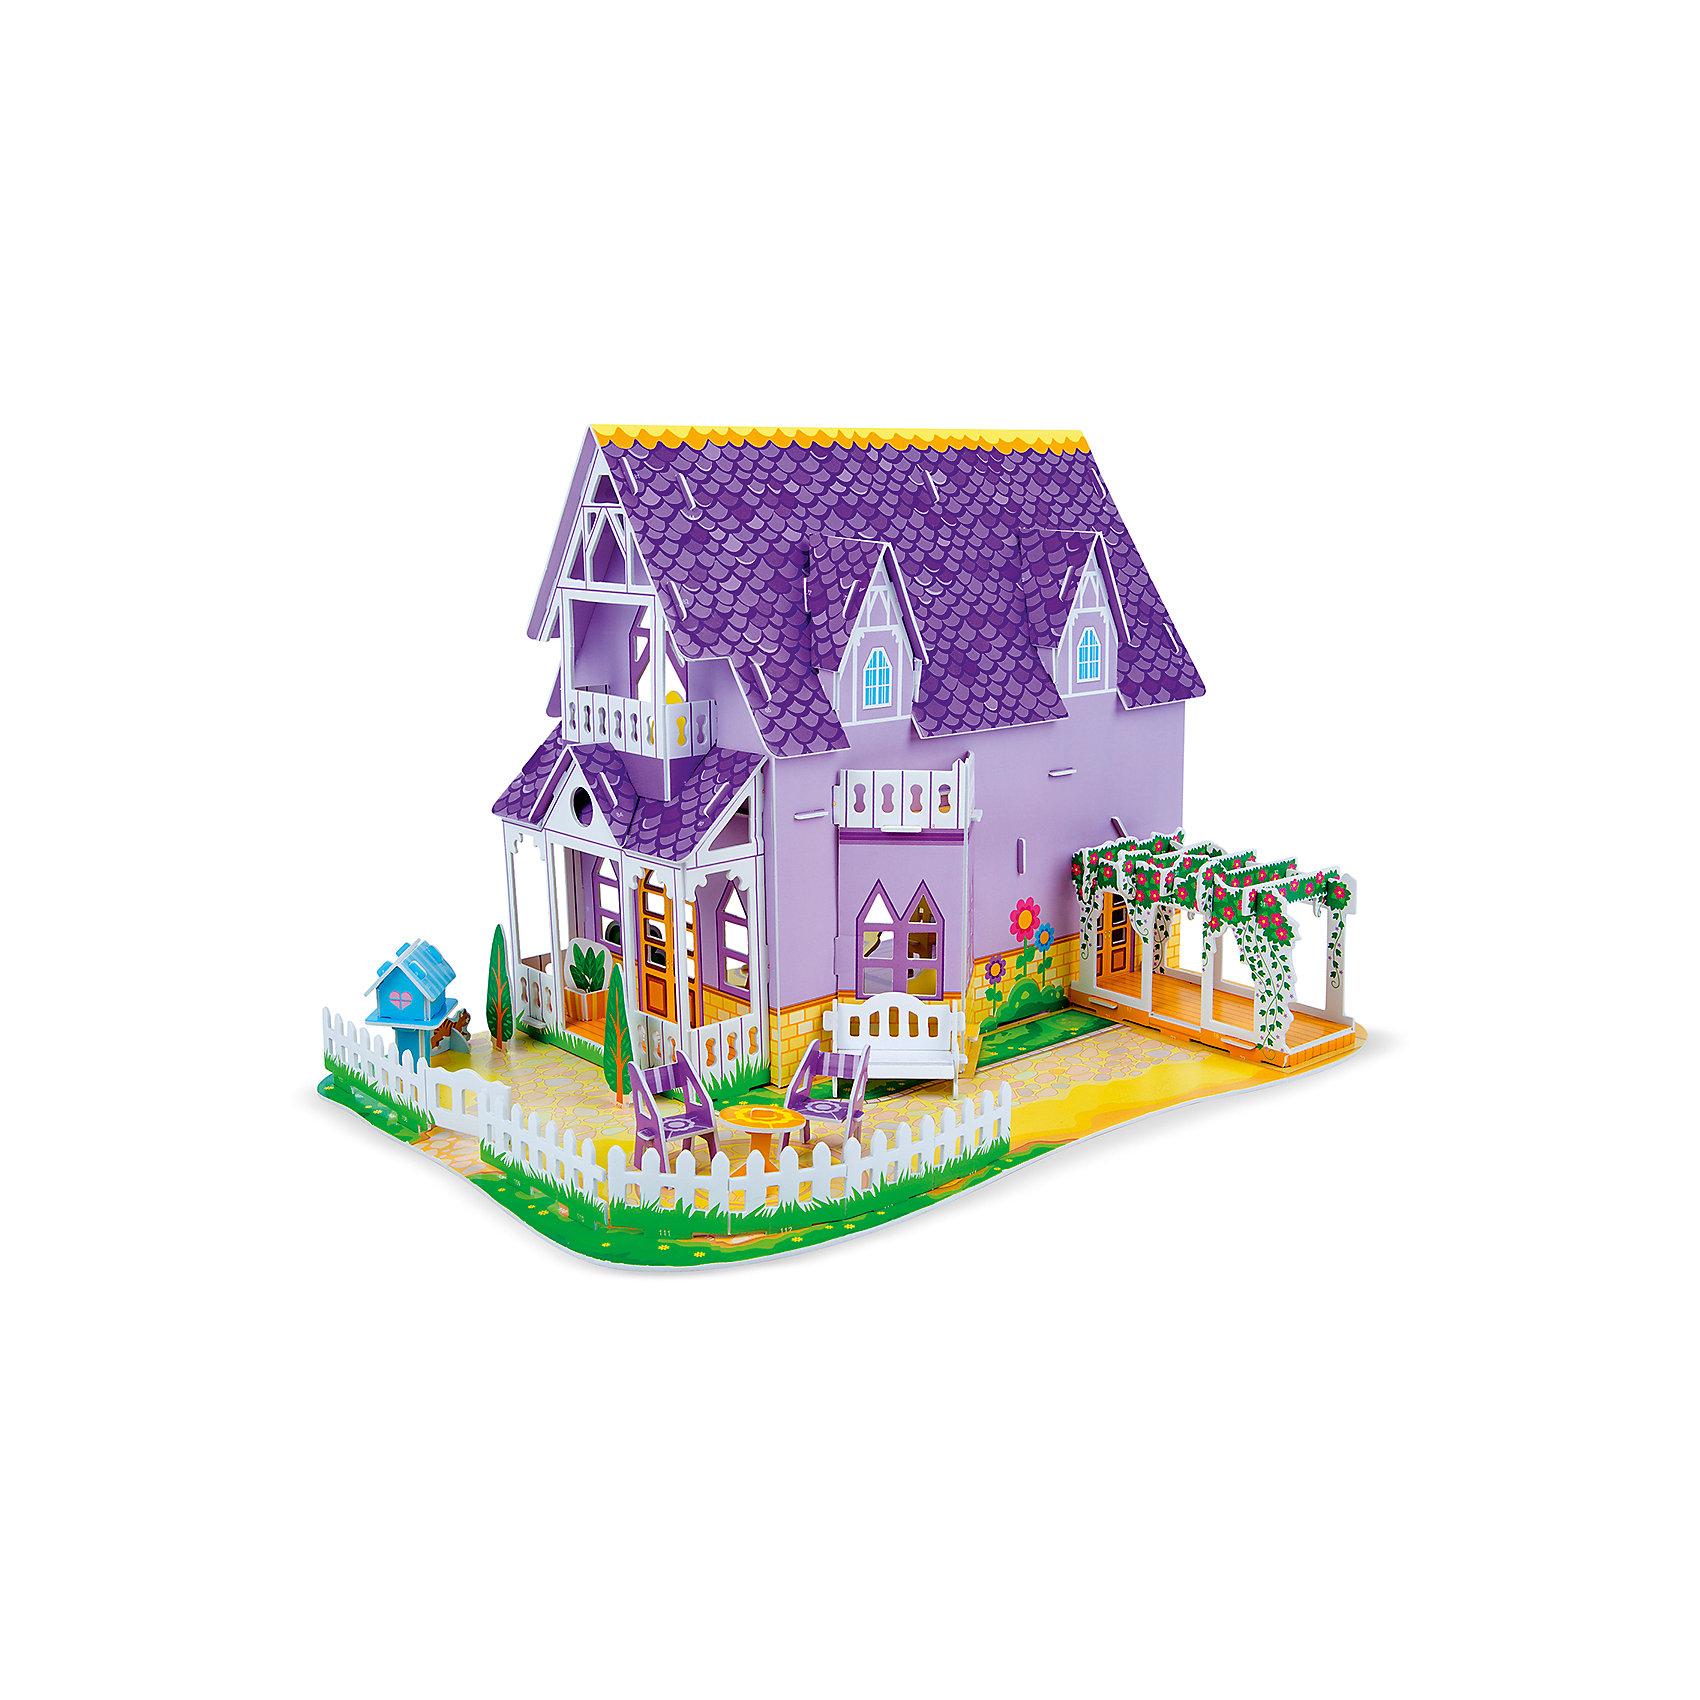 3D пазл Пурпурный домик для куклы, Melissa &amp; Doug3D пазлы<br>3D пазл Пурпурный домик для куклы, Melissa &amp; Doug (Мелисса и Даг).<br><br>Характеристики:<br><br>- В наборе: более 100 деталей из пенного материала<br>- Длина домика в собранном виде: 41х27х27 см.<br>- Размер упаковки: 42х29х2 см.<br>- Вес: 500 гр.<br><br>3D пазл Пурпурный домик для куклы от бренда Melissa&amp;Doug (Мелисса и Даг) поможет вашей малышке создать красочный кукольный дом и придумать множество сюжетно-ролевых игр. Благодаря простой инструкции он легко собирается из отдельных элементов по принципу объемного пазла. Для сборки не требуются ножницы и клей: все детали оснащены специальными выемками для соединения. Каждая деталь пронумерована. В собранном виде конструкция представляет собой двухэтажный пурпурный дом с уютными комнатами, балконом, верандой и просторным двориком, окруженным забором. В комплекте есть фигурки двух девочек, кошки и собаки, а также мебель, предметы интерьера и яркие декорации. Ваша девочка будет с удовольствием принимать гостей, укладывать кукол спатьг и делать перестановку в доме! Все детали выполнены из высококачественного пенного материала и раскрашены нетоксичными красками. Сборка 3D пазла способствует развитию моторики, координации движений, концентрации внимания, воображения и усидчивости.<br><br>3D пазл Пурпурный домик для куклы, Melissa &amp; Doug (Мелисса и Даг) можно купить в нашем интернет-магазине.<br><br>Ширина мм: 430<br>Глубина мм: 20<br>Высота мм: 290<br>Вес г: 454<br>Возраст от месяцев: 72<br>Возраст до месяцев: 2147483647<br>Пол: Женский<br>Возраст: Детский<br>SKU: 5074360